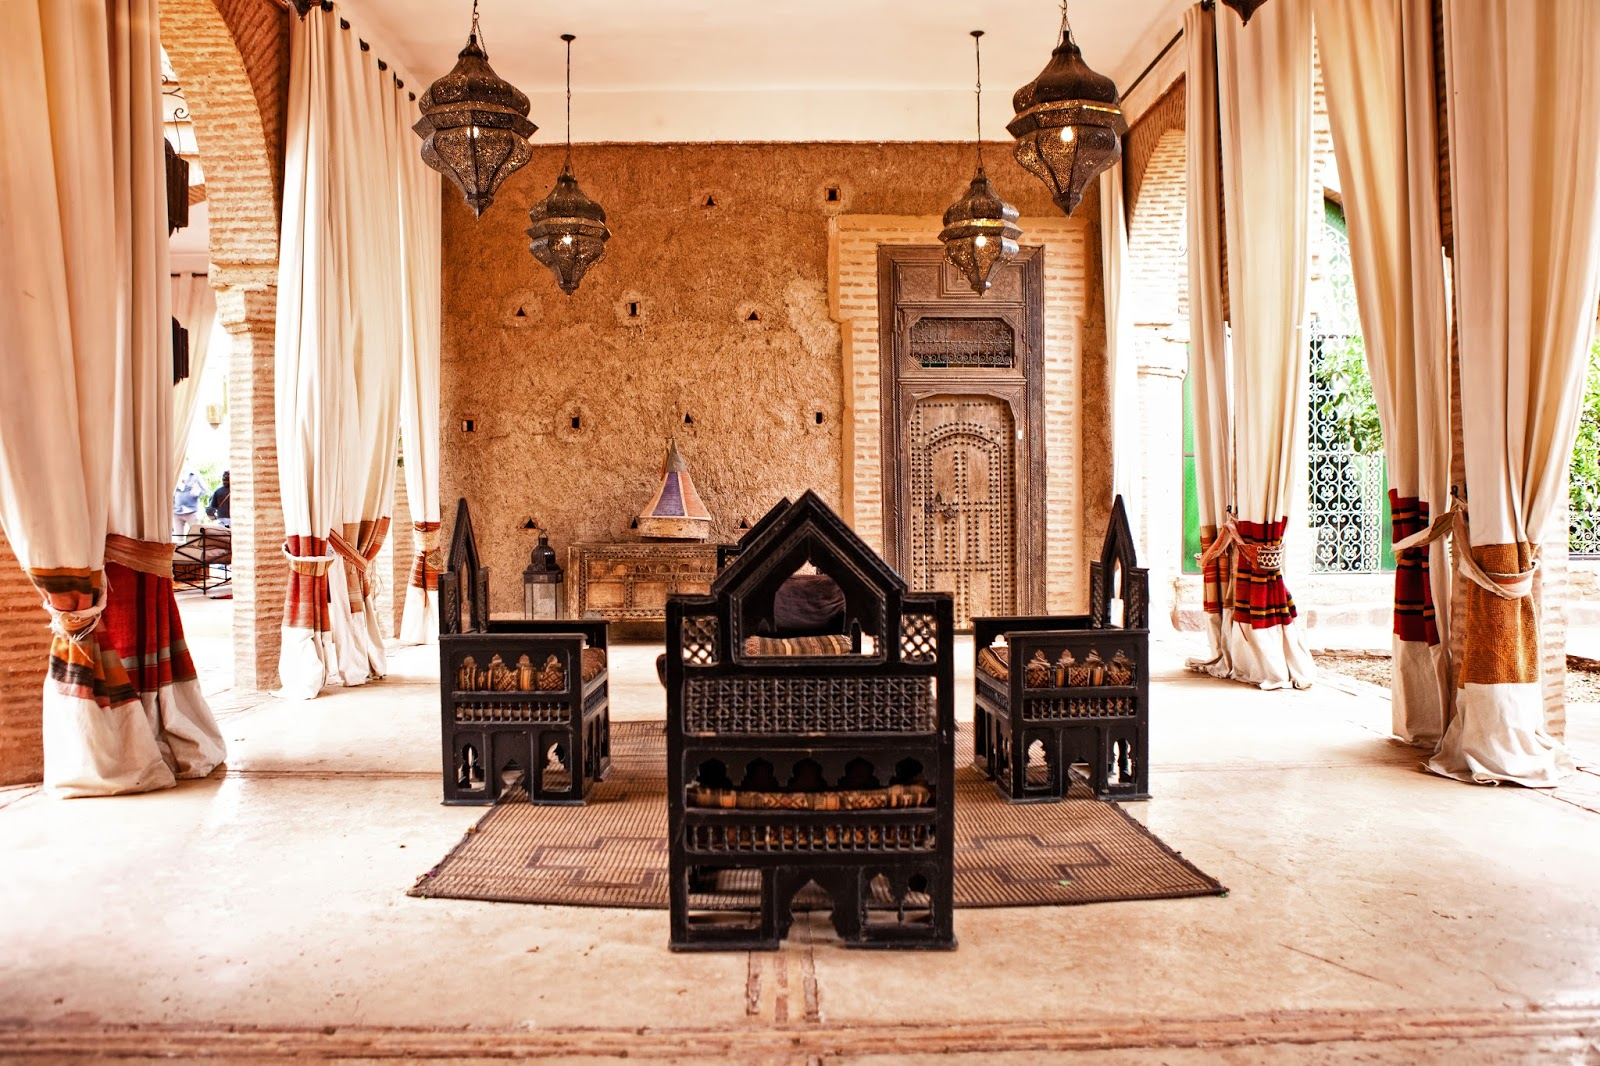 wohnzimmer style wohnung einrichten inspiration mit das. Black Bedroom Furniture Sets. Home Design Ideas